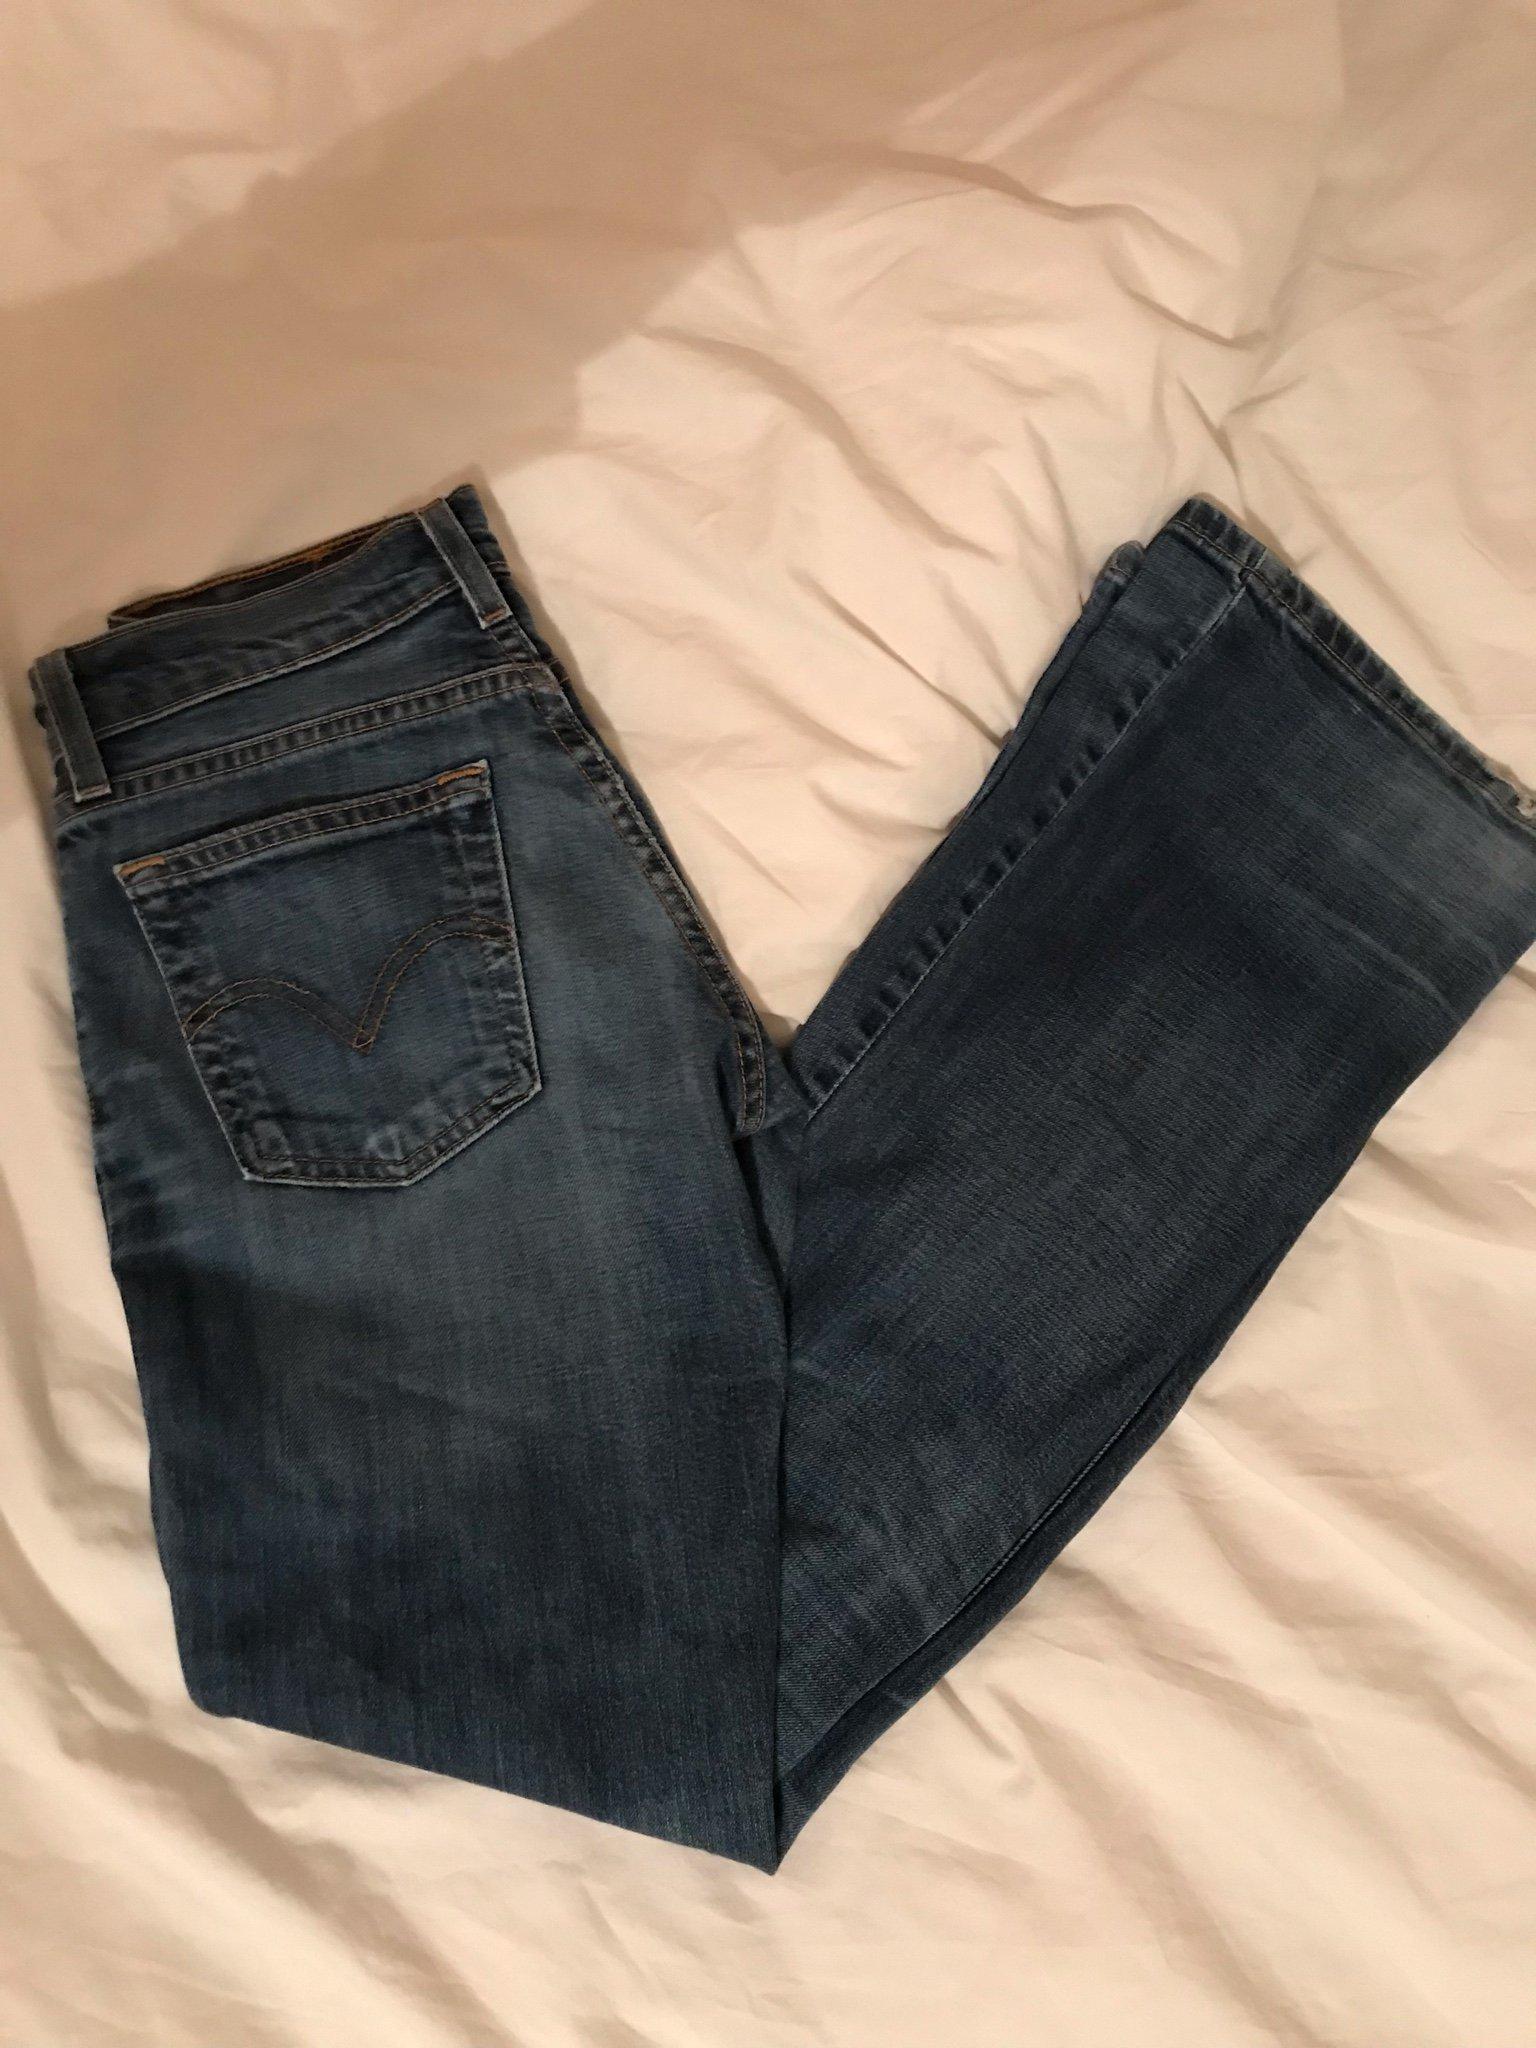 adb9123f7a5 Snygga jeans från Levis storlek 26/32 (347618279) ᐈ Köp på Tradera